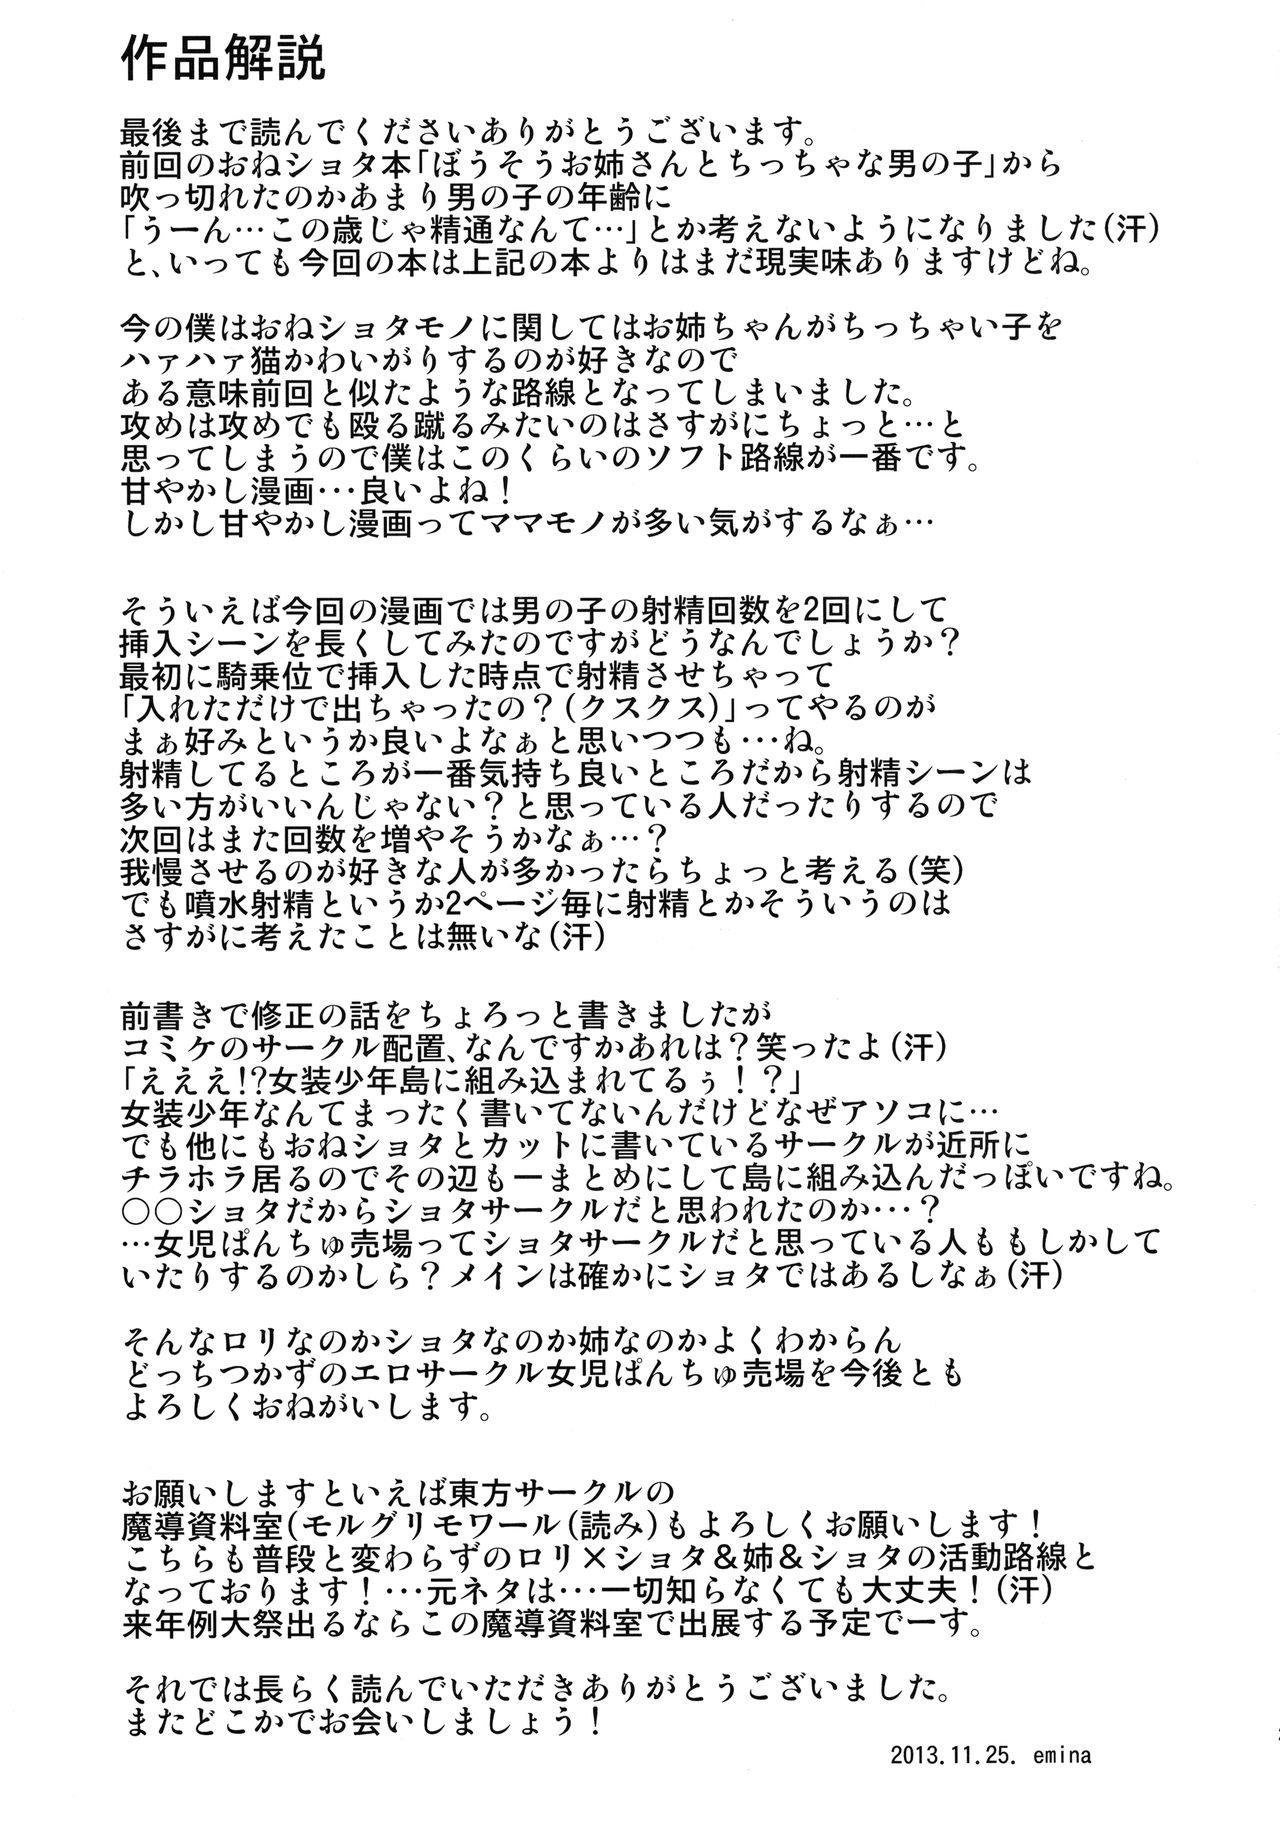 (C85) [Joji Panchu Uriba (emina)] Onee-chan ni Oisha-san Gokko Sarechatta Boku 27